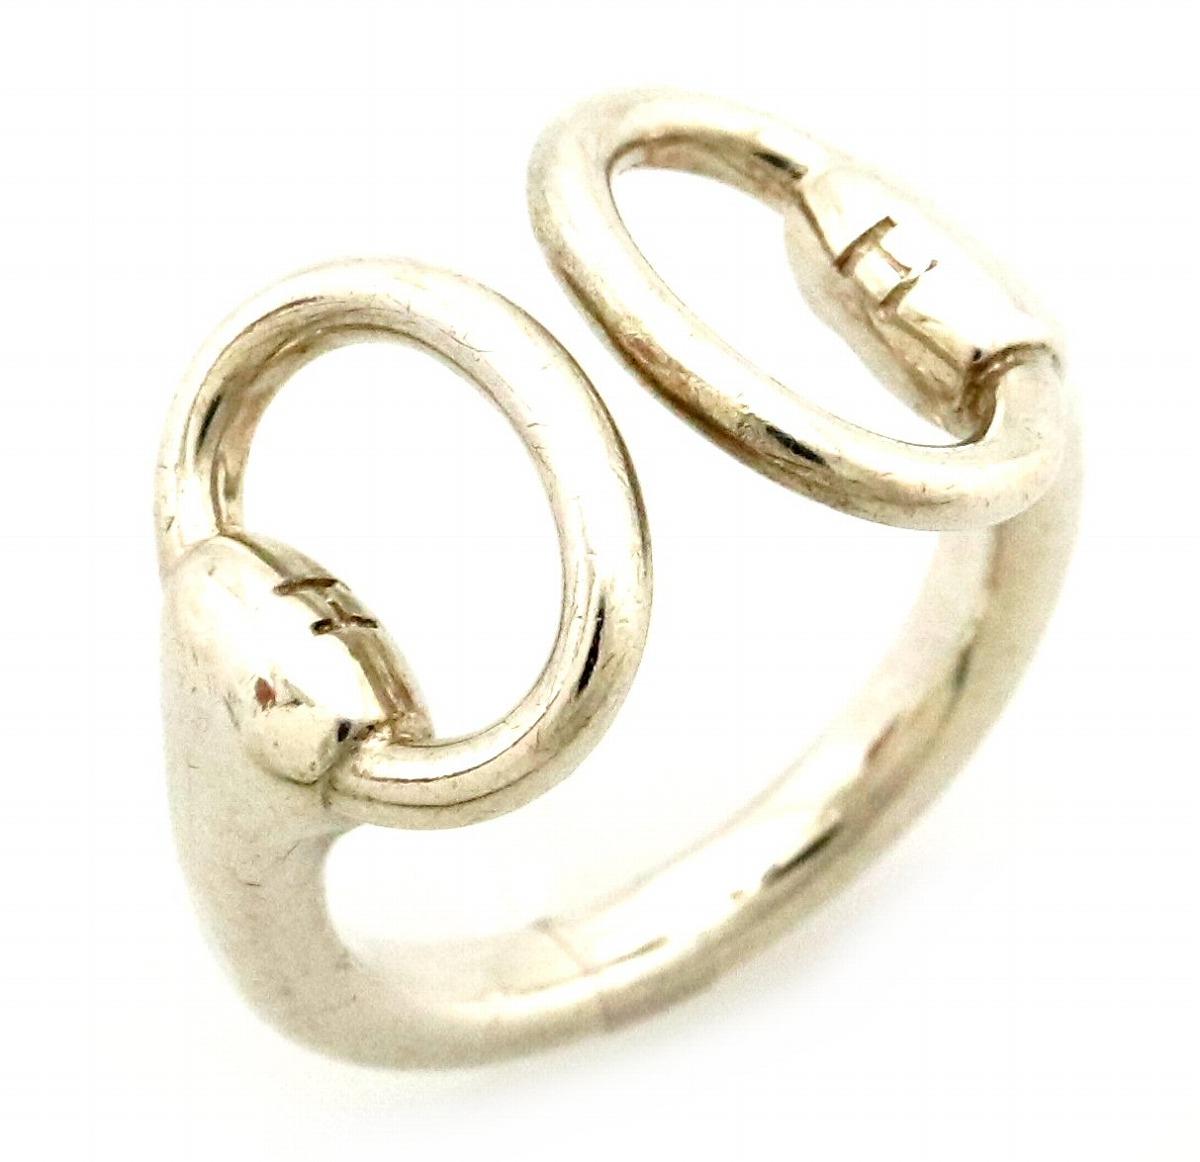 【ジュエリー】HERMES エルメス カリヌ シルバーリング 指輪 SV925 Ag925 #51 11号 【中古】【s】